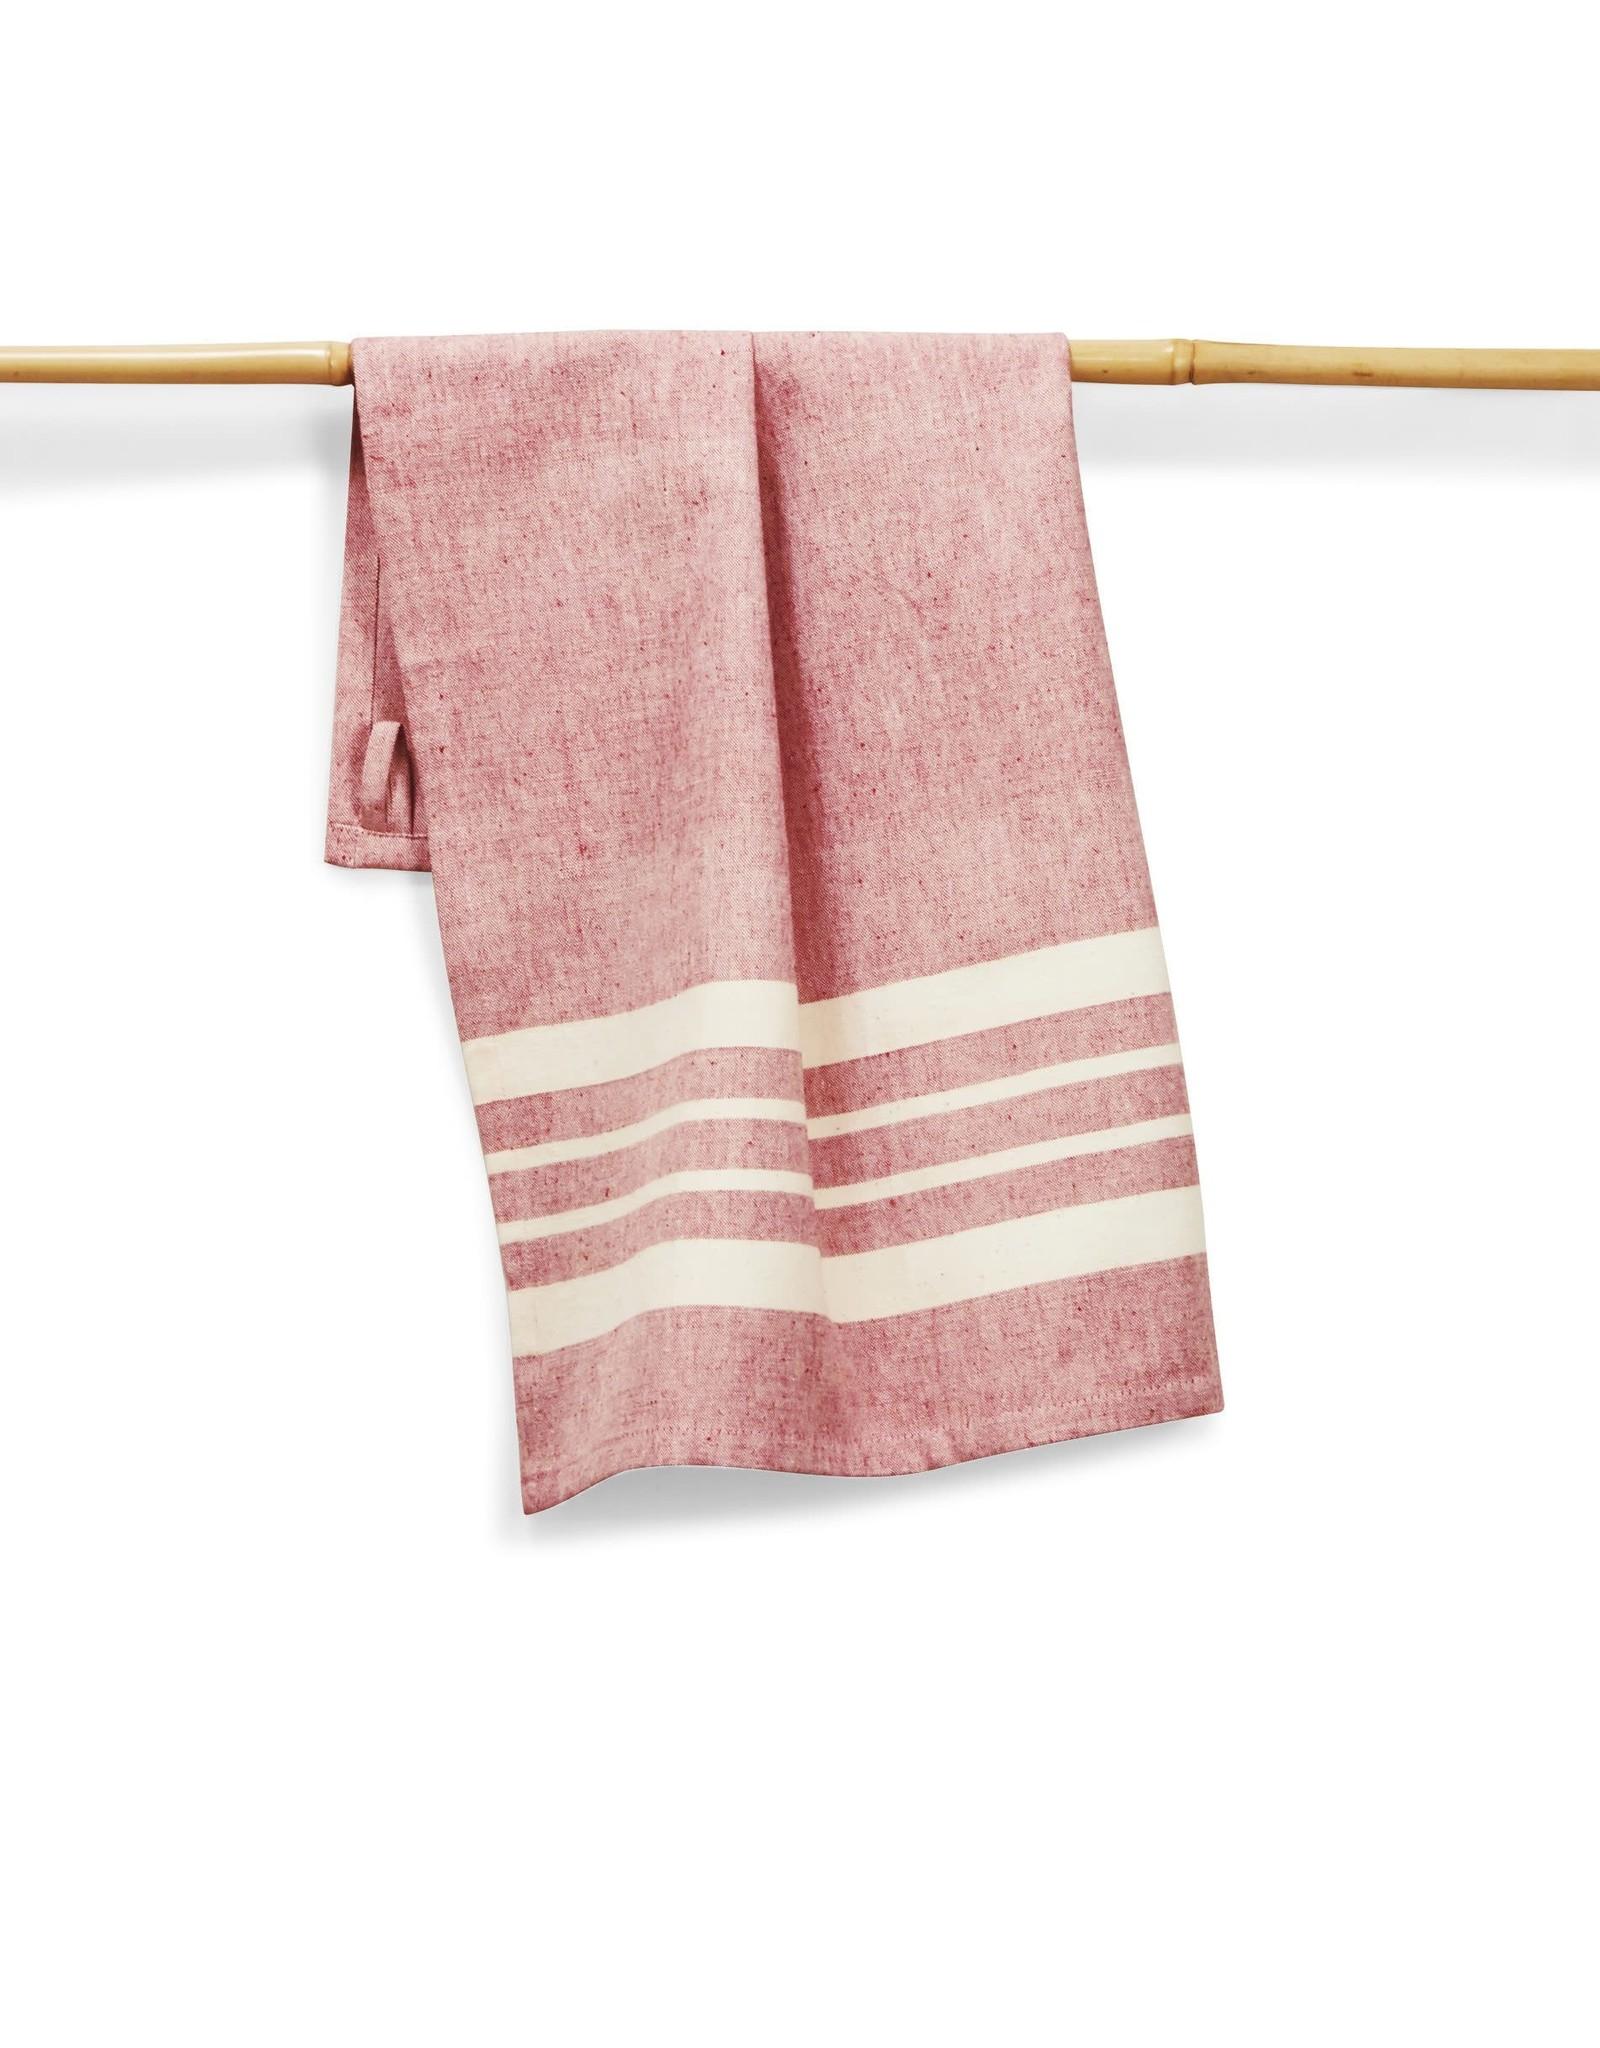 27 x 19 Cotton Handwoven Kitchen Towel, Tomato, India